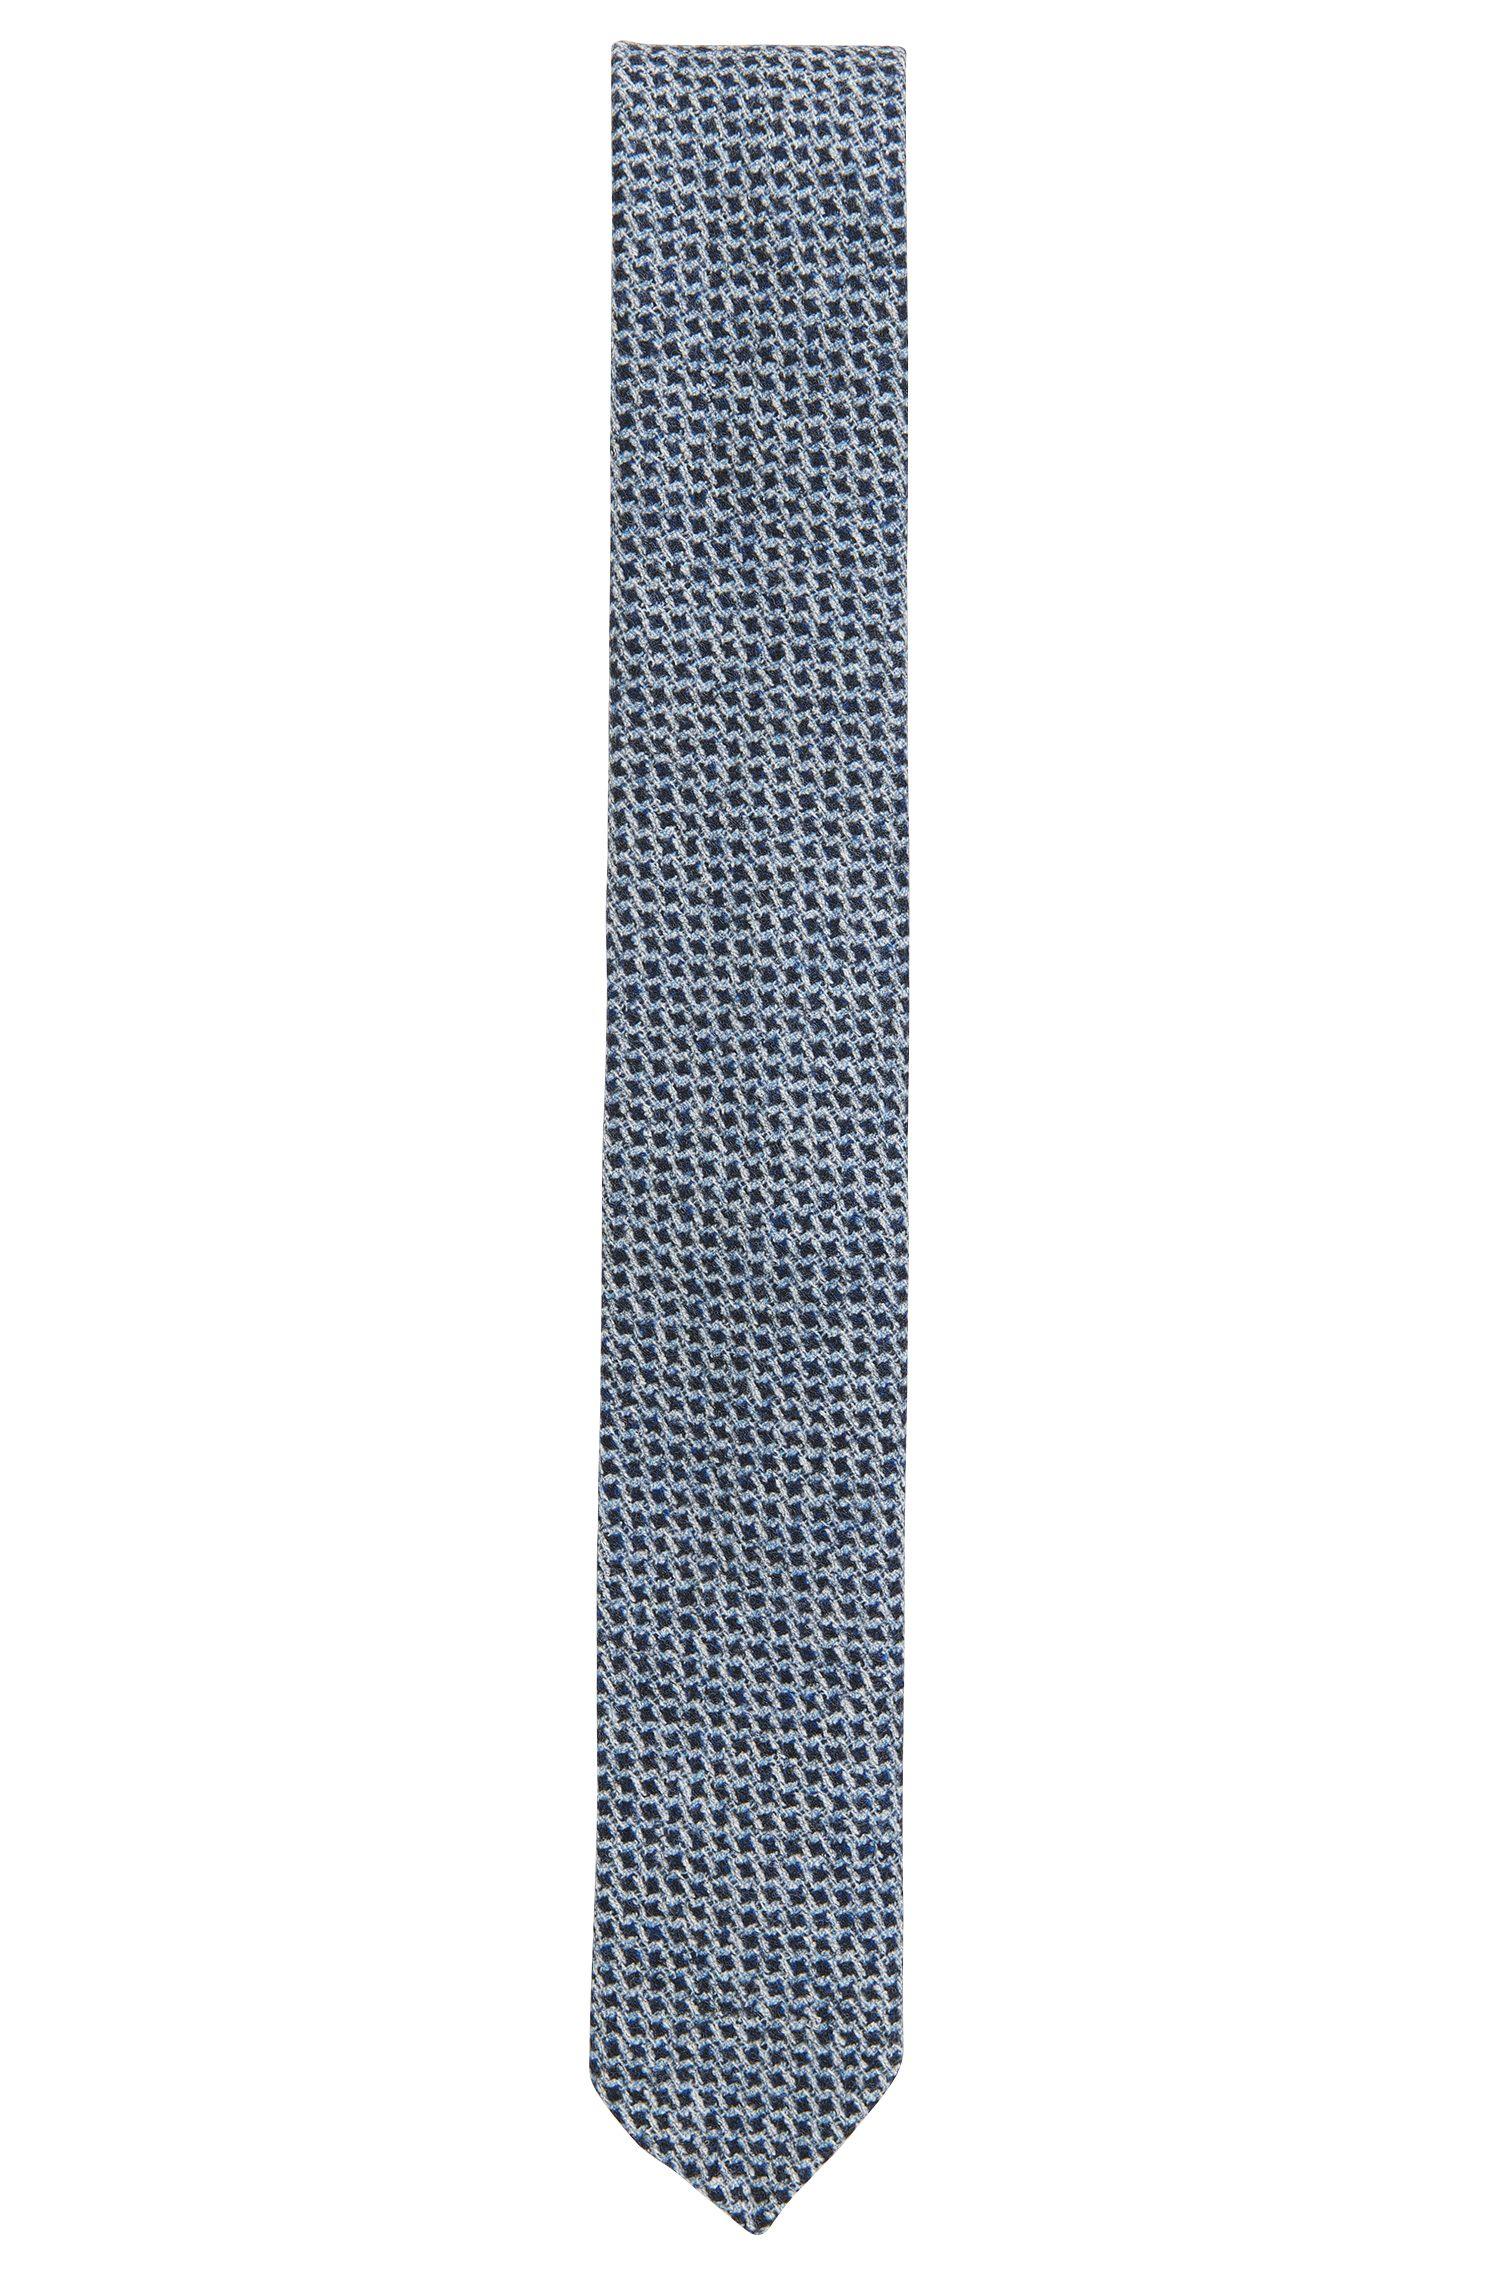 Check Virgin Wool Tie, Slim | Tie 6 cm Soft